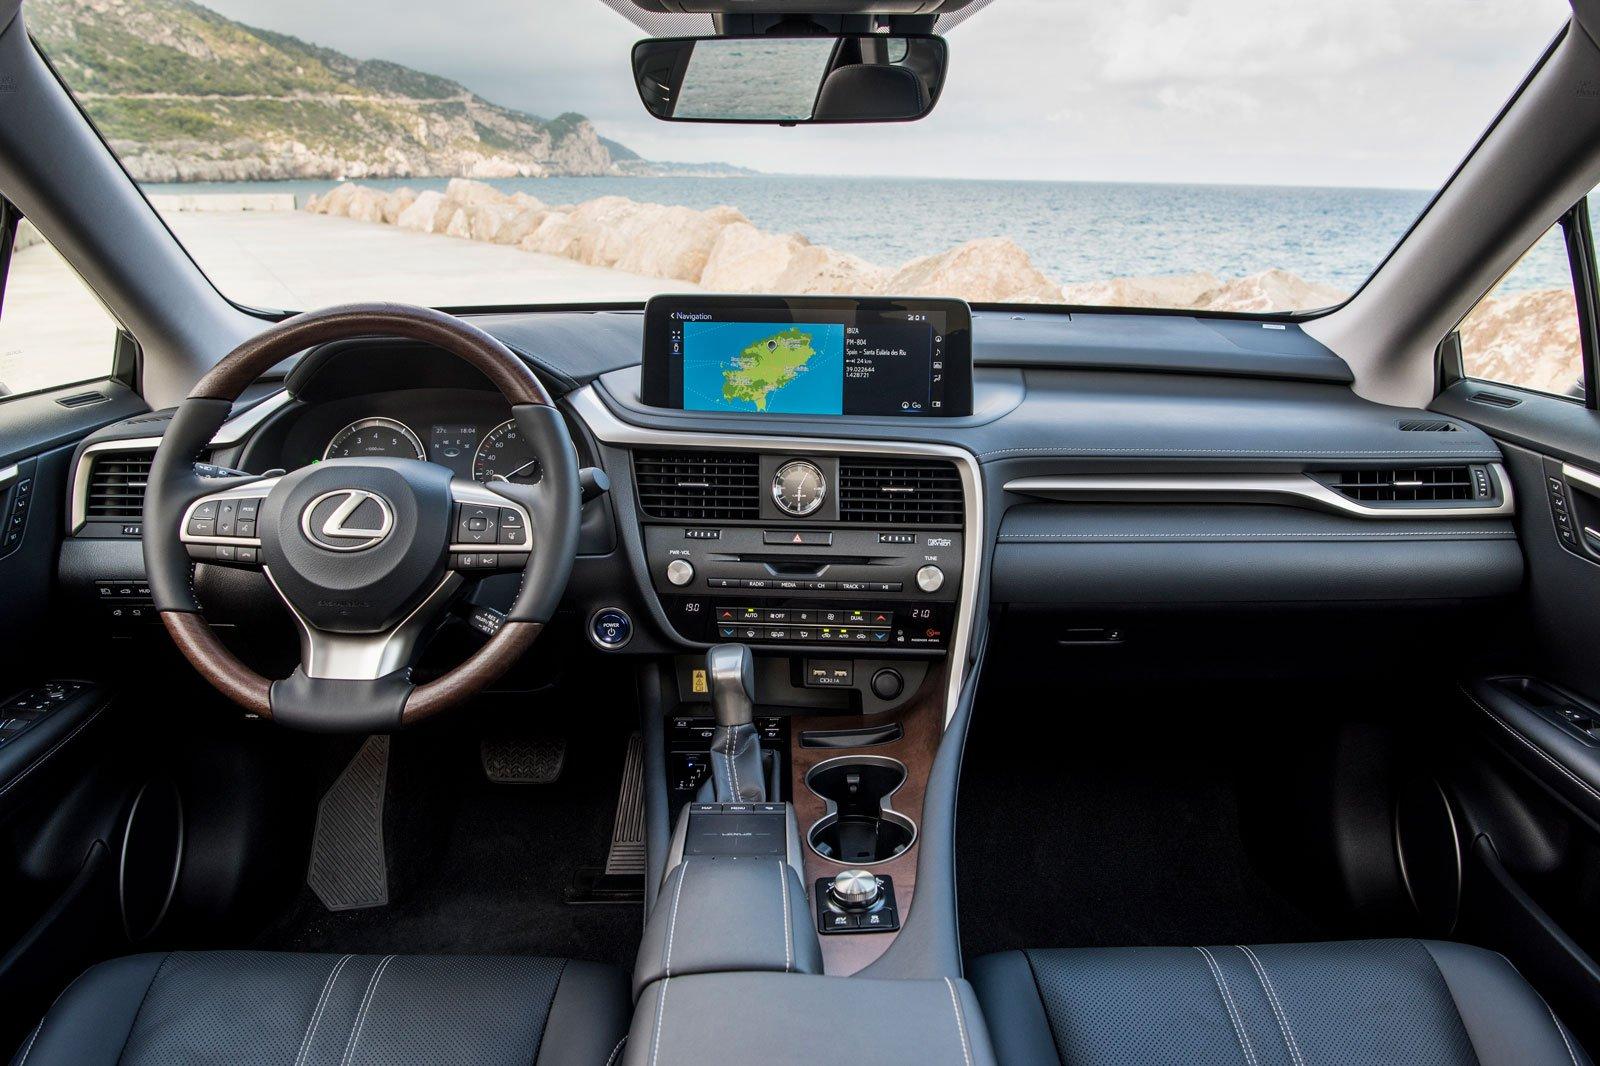 2020 lexus rx interior dashboard